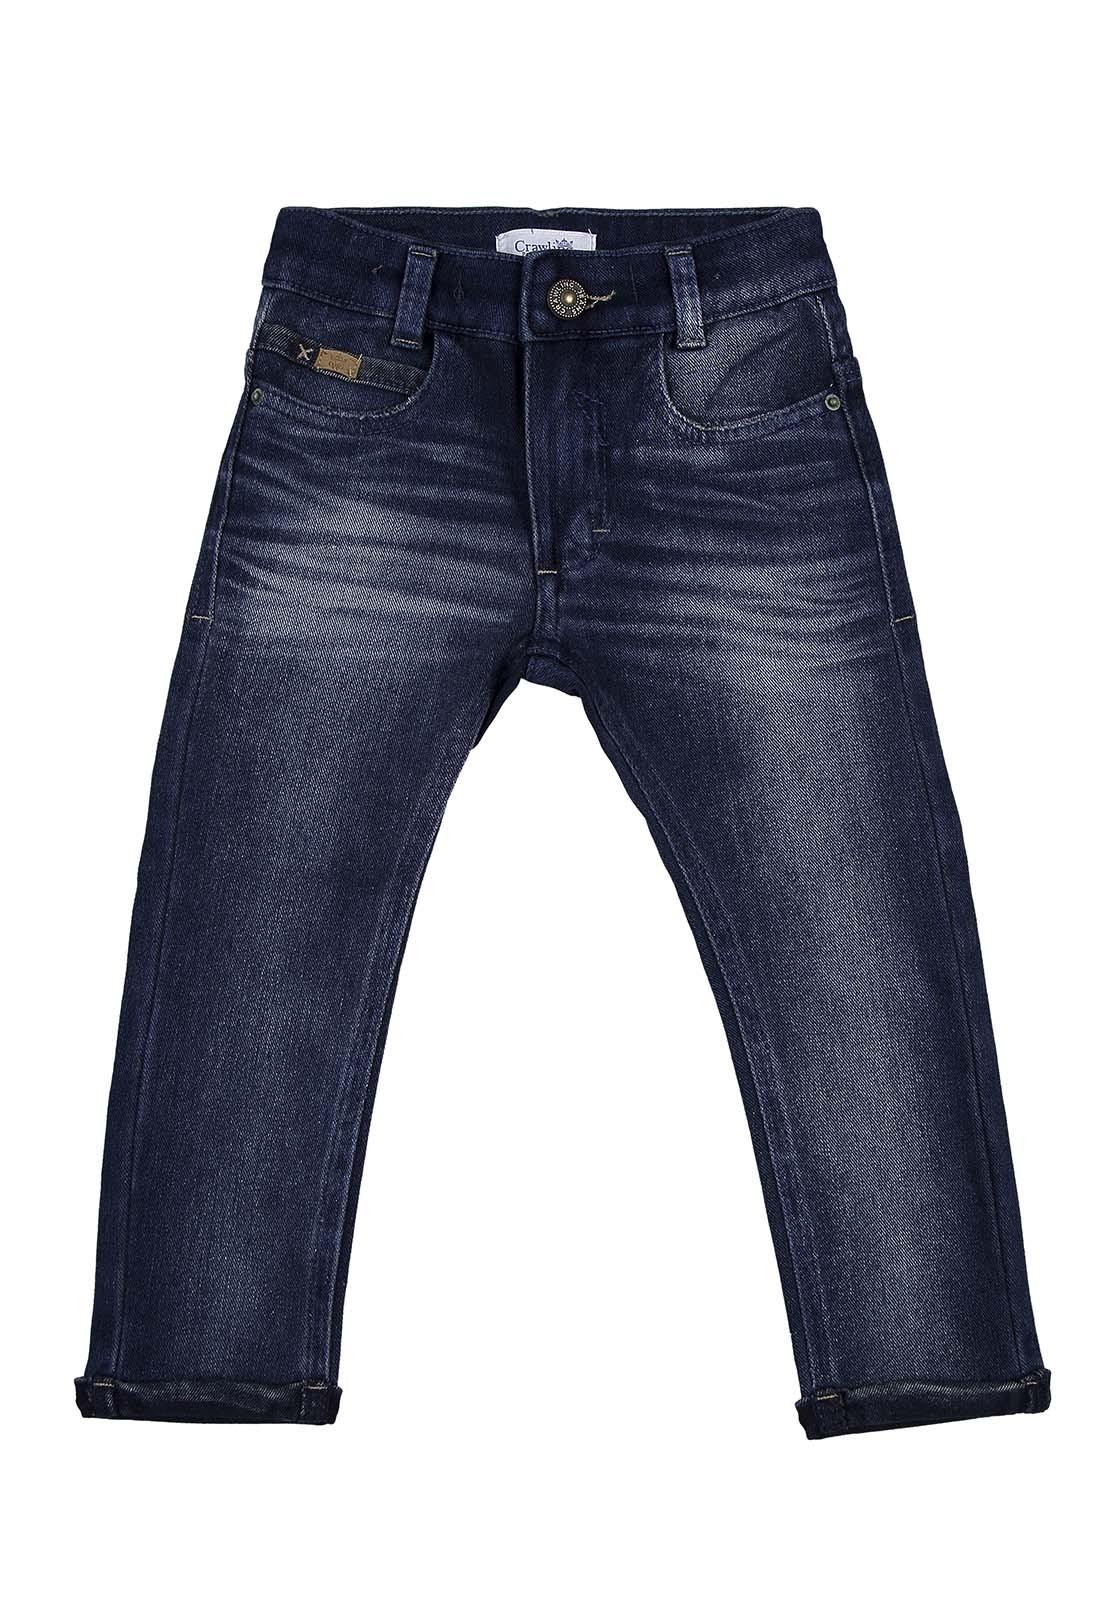 Calça Crawling Jeans Masculina Skinny